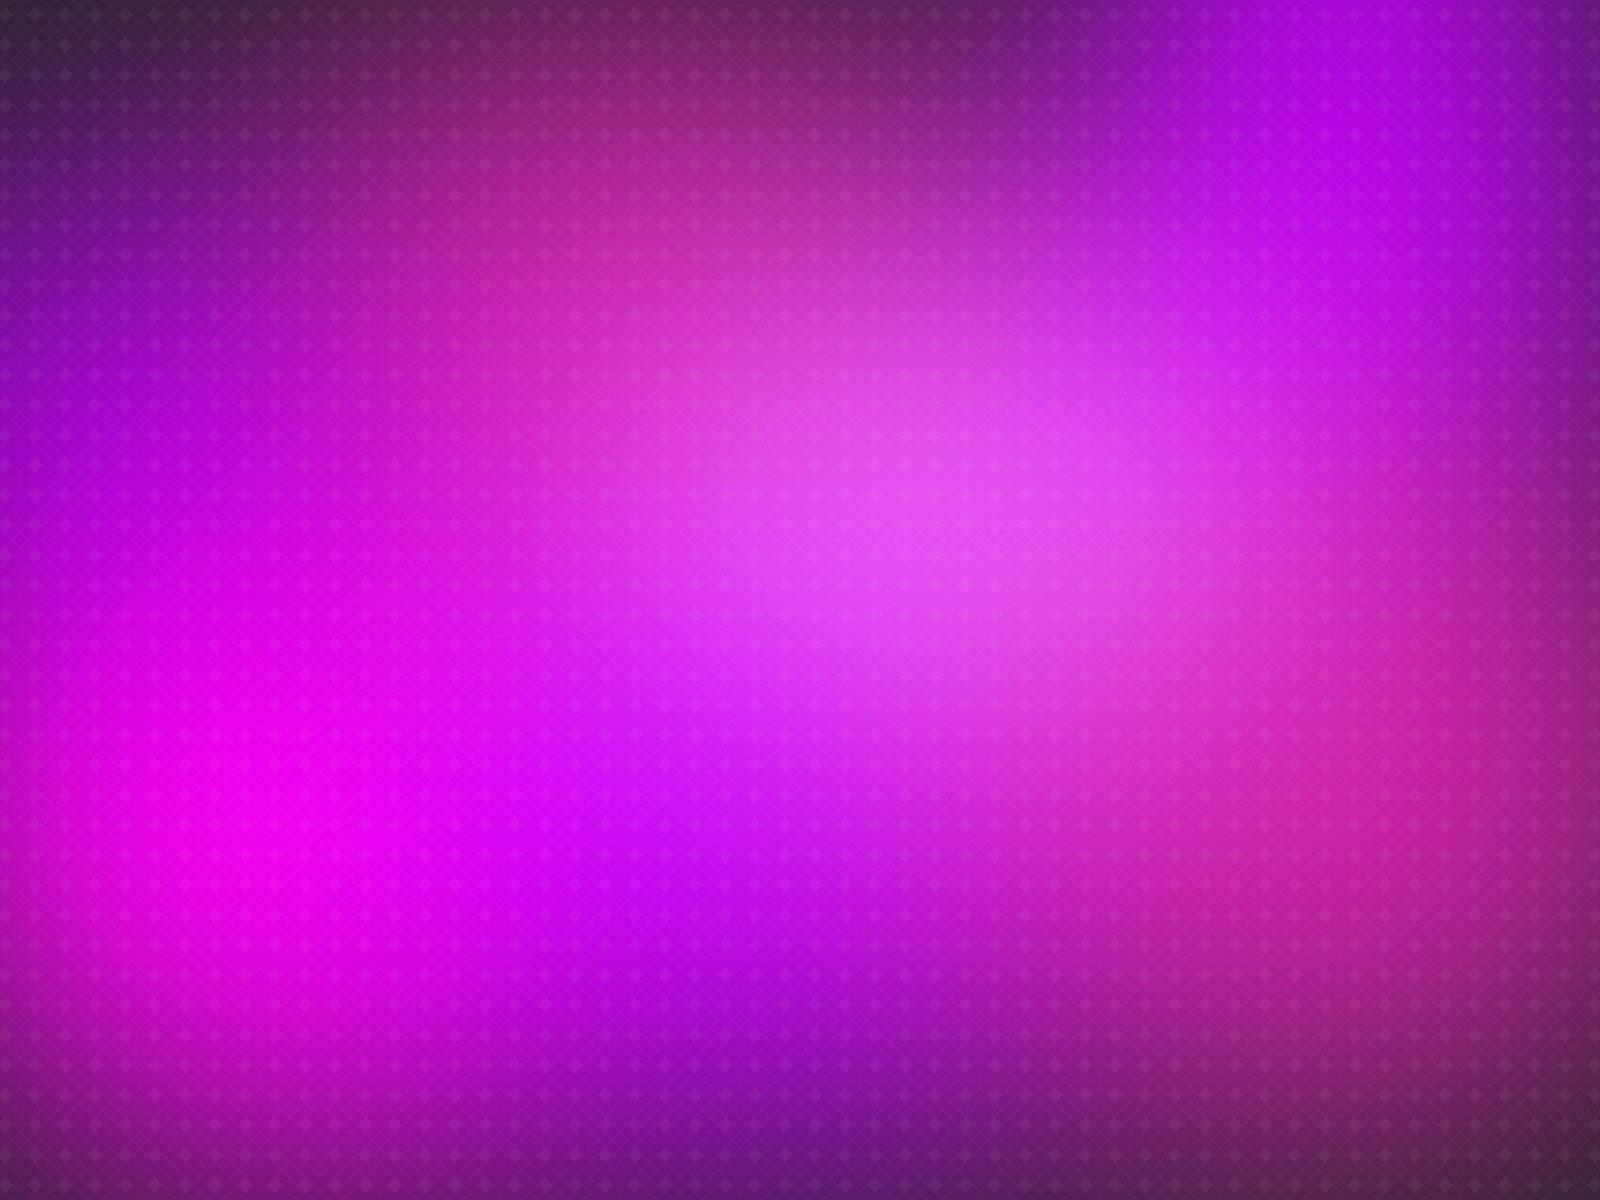 Bright Purple Wallpaper Wallpapersafari